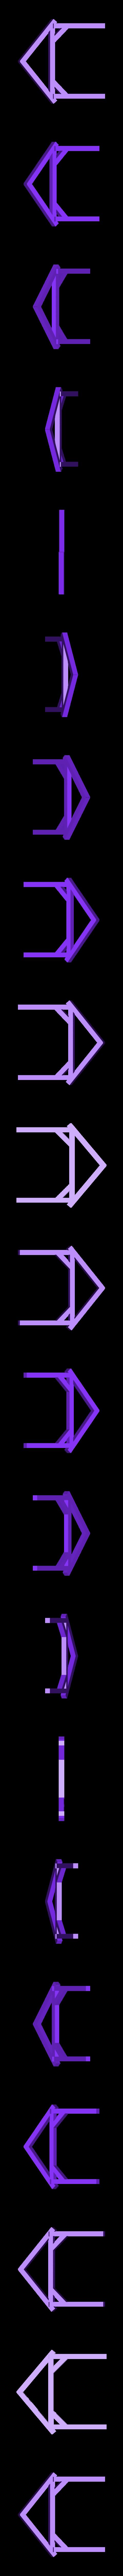 b_end.stl Télécharger fichier STL gratuit Saxon Barn 1 • Objet pour imprimante 3D, Earsling